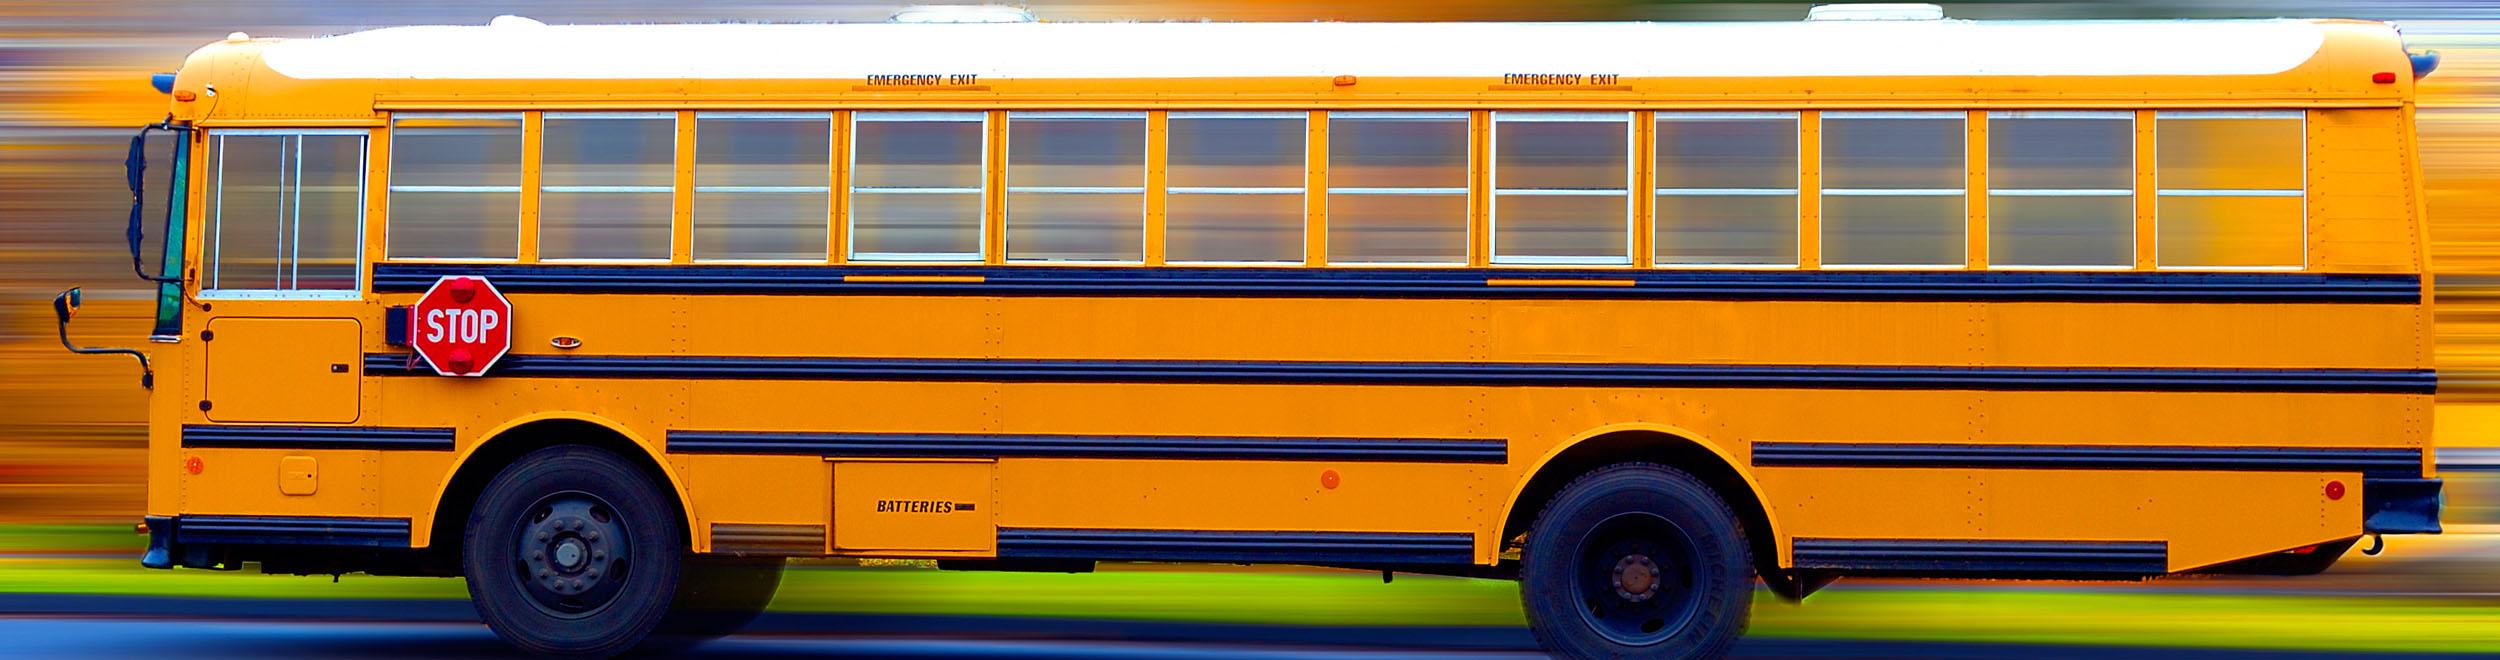 Transportation Management System Support